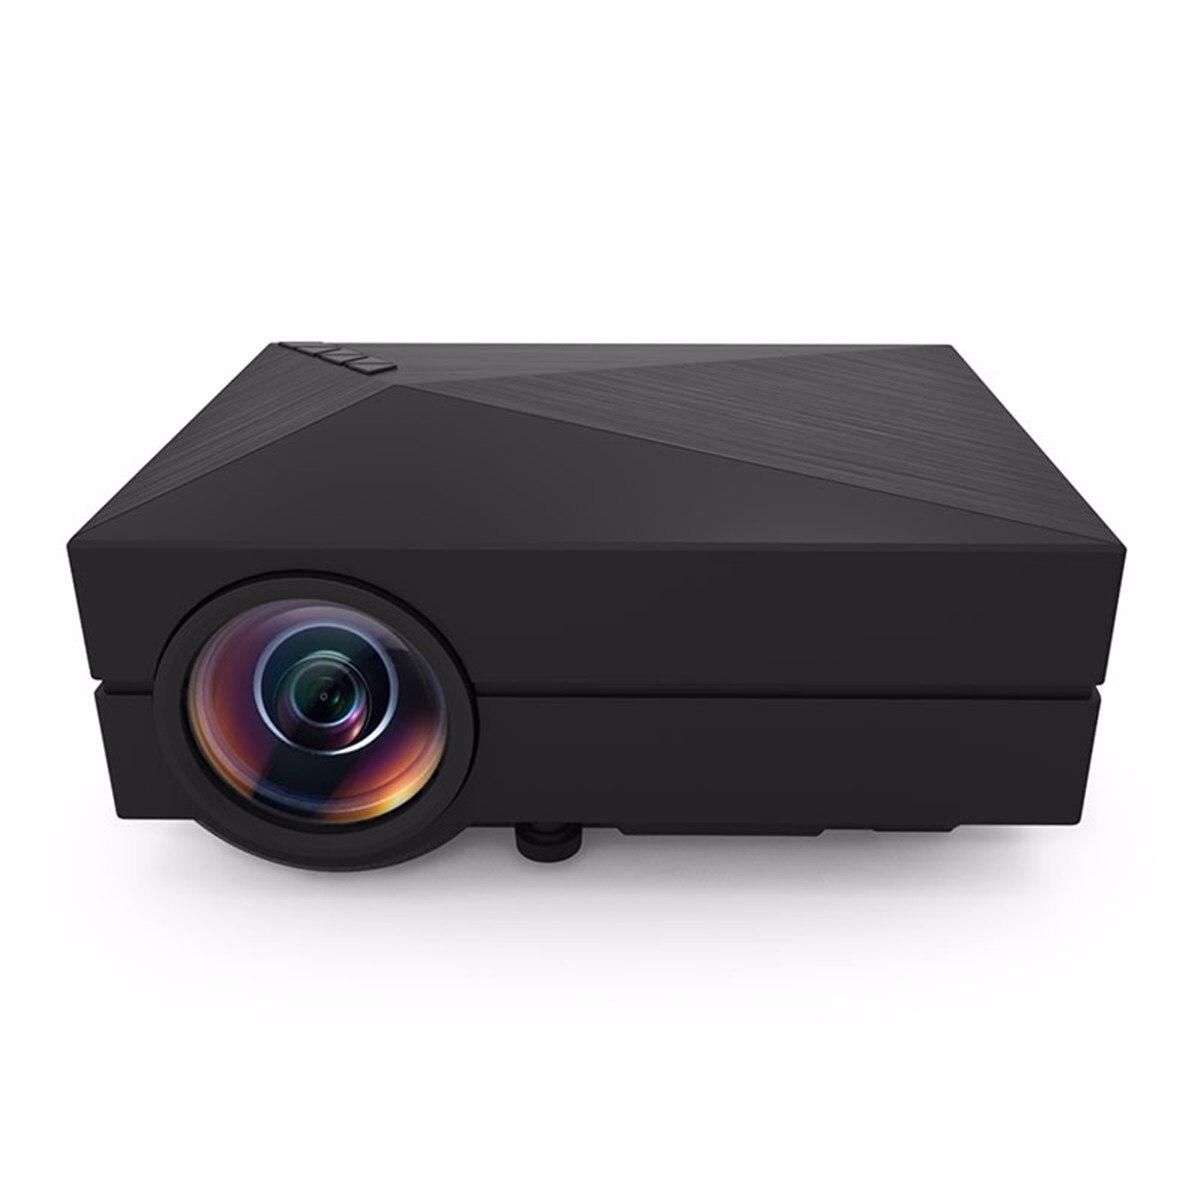 LEORY GM60 Mini Portable Full HD 1080 P LCD projecteur 1000LM LED Home cinéma résolution 800x480 Pixels